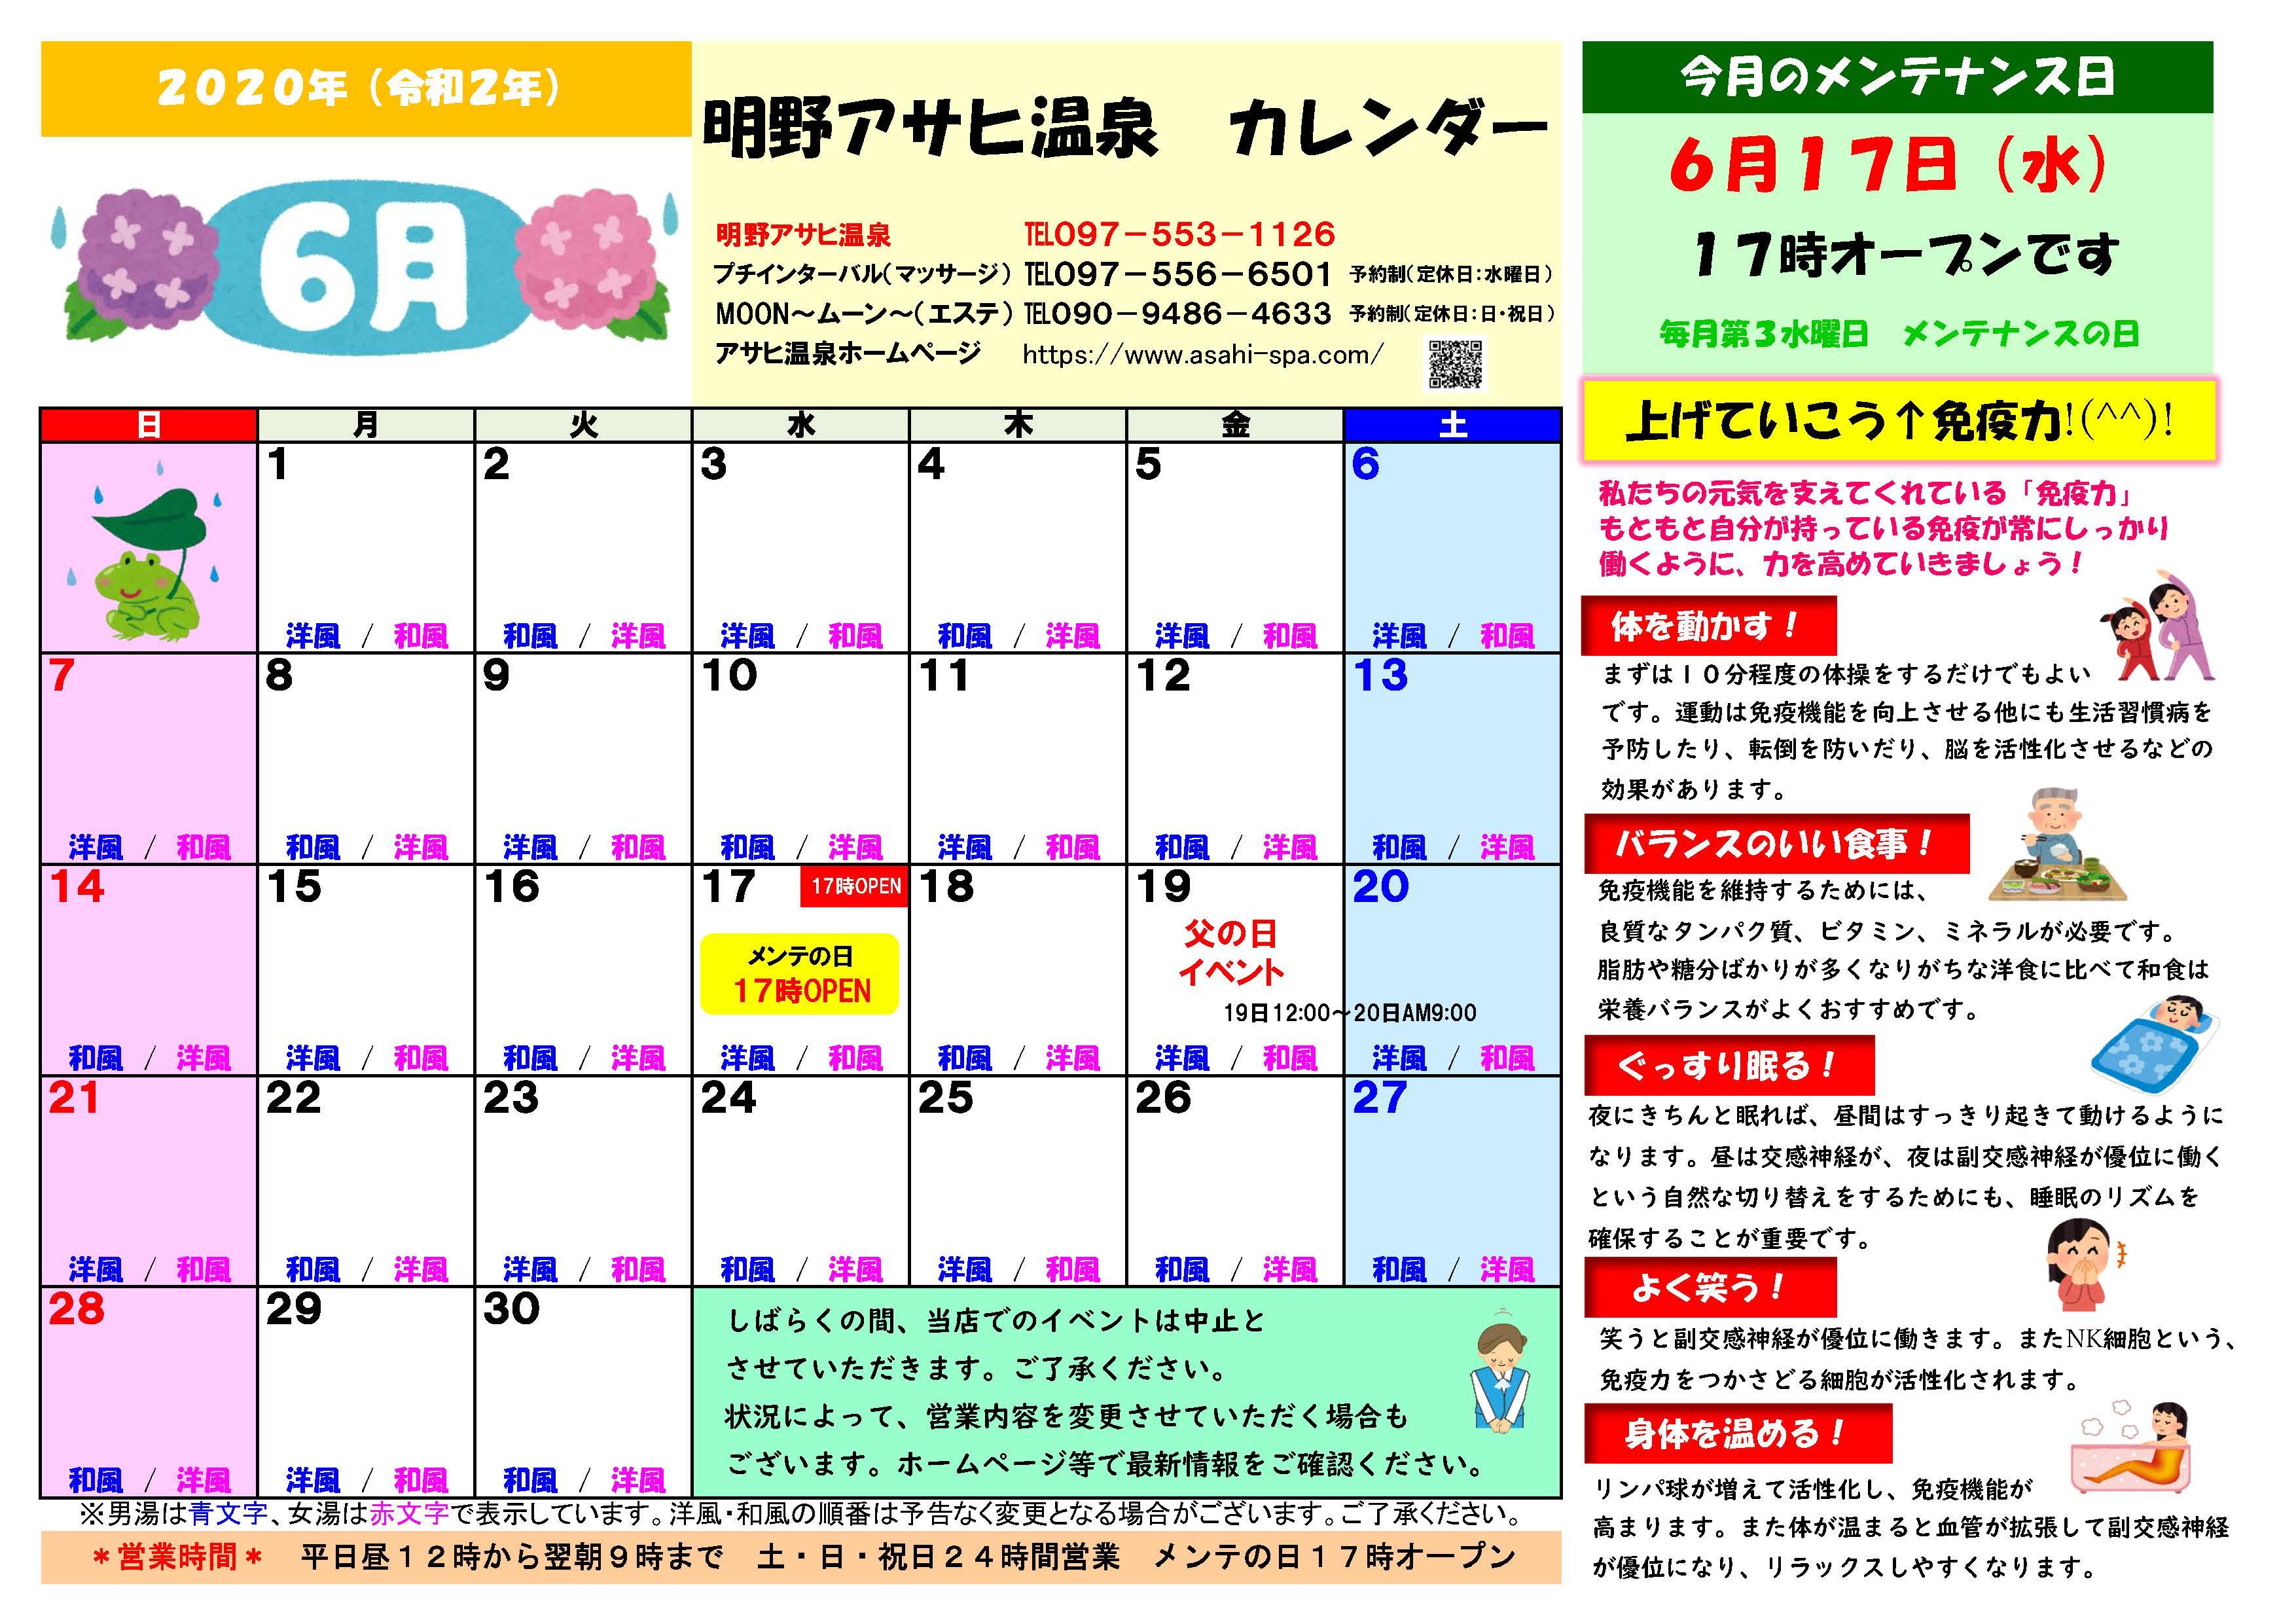 家族風呂・露天風呂なら大分県大分市の天然温泉「アサヒ温泉」がおすすめ! イベントカレンダー2020年6月画像